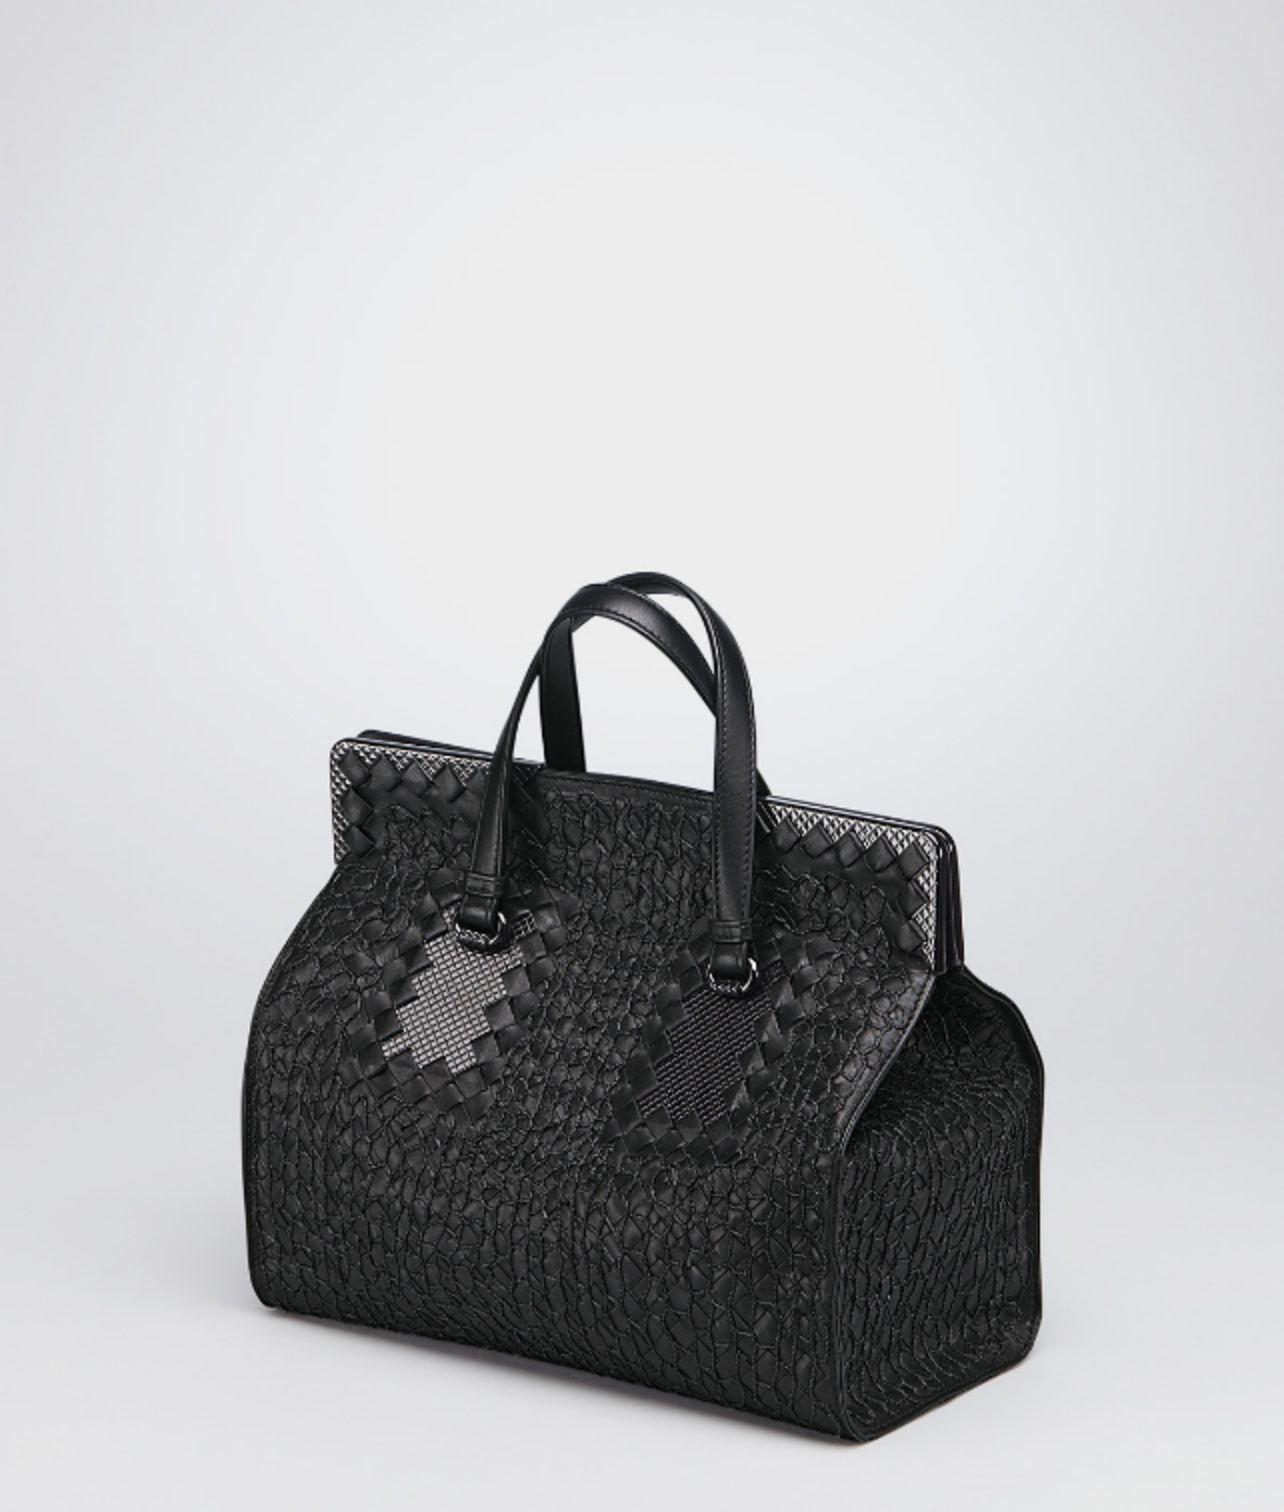 Bottega veneta Nero Intreccio Tricot Raffia Bag in Black (Nero) | Lyst